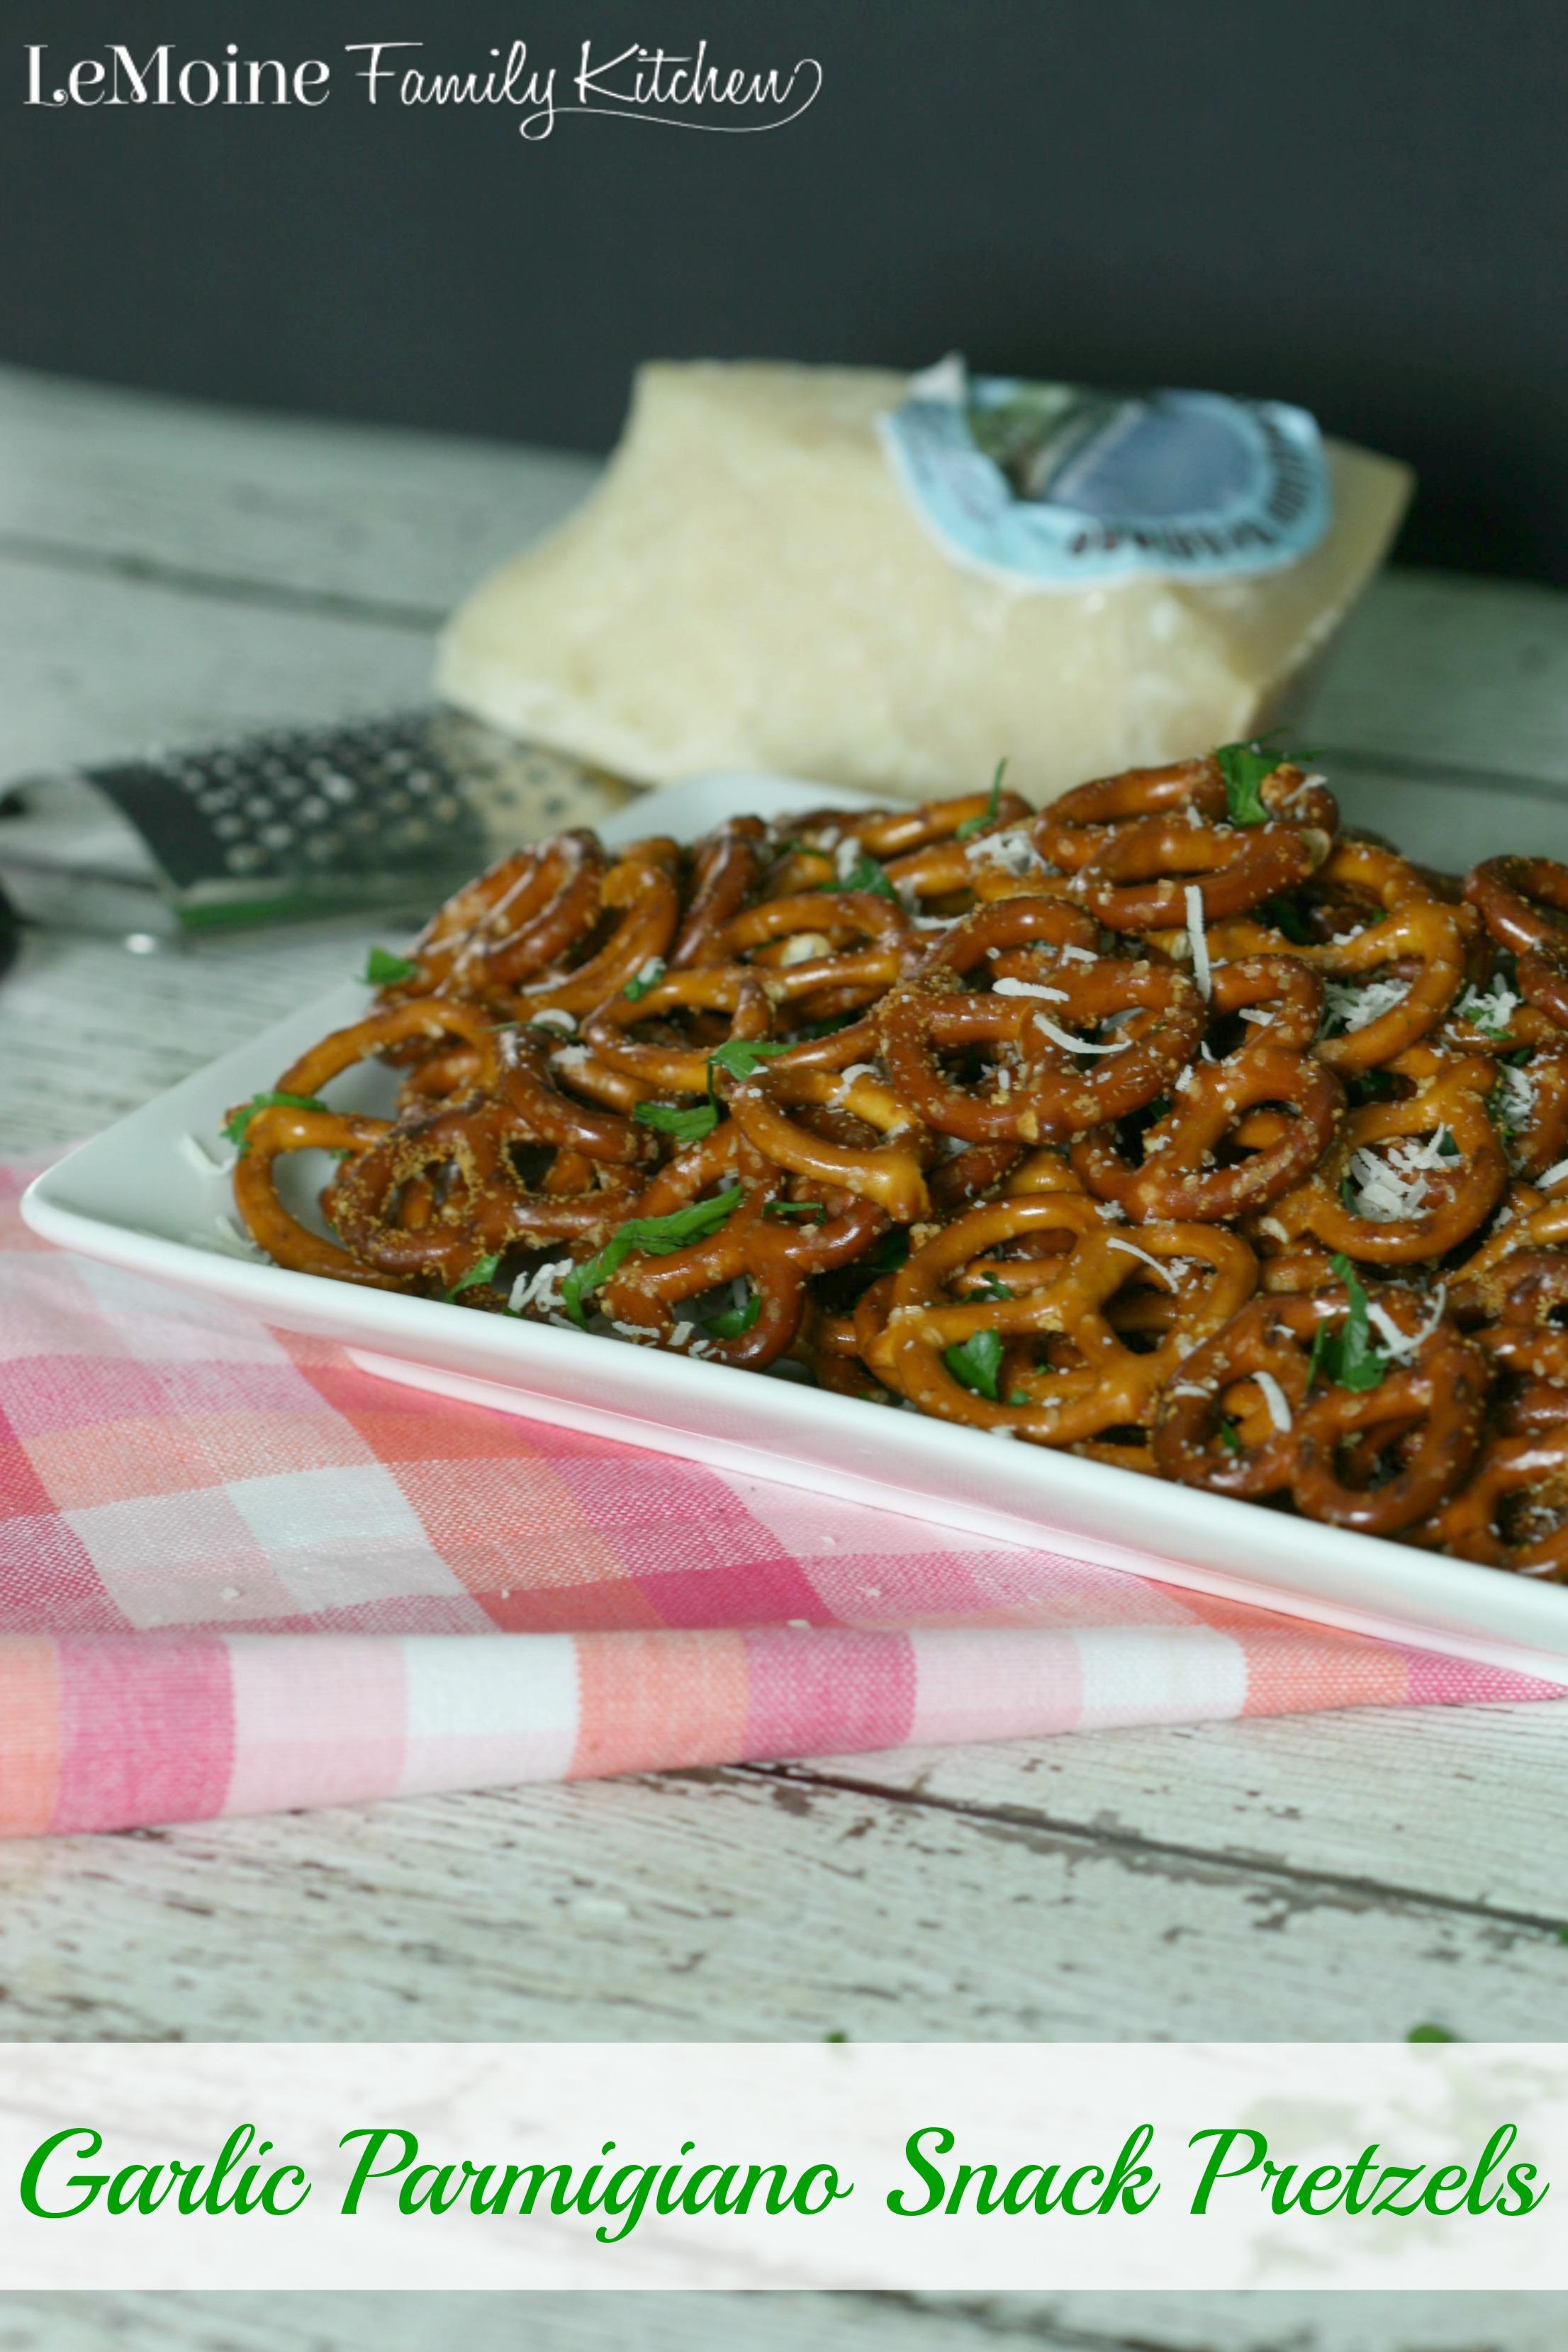 Garlic Parmigiano Snack Pretzels